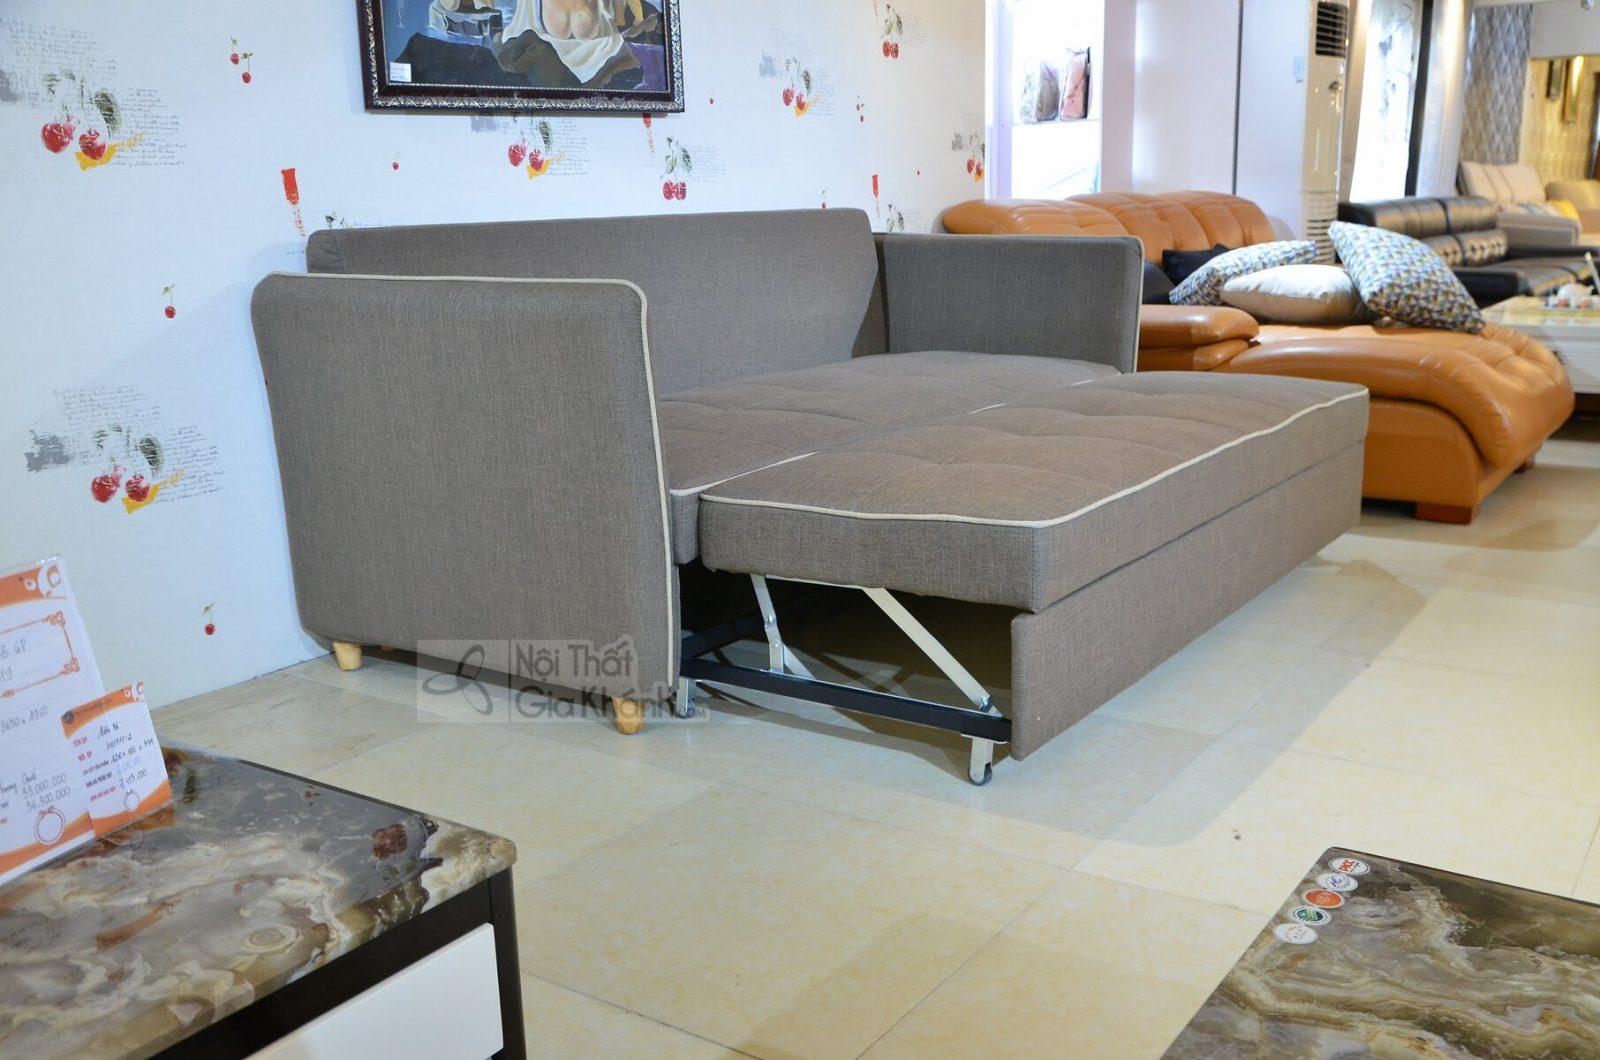 sofa da nang SF277 8 21 - Sofa giường - Ghế giường Sofa đa năng SF227-8